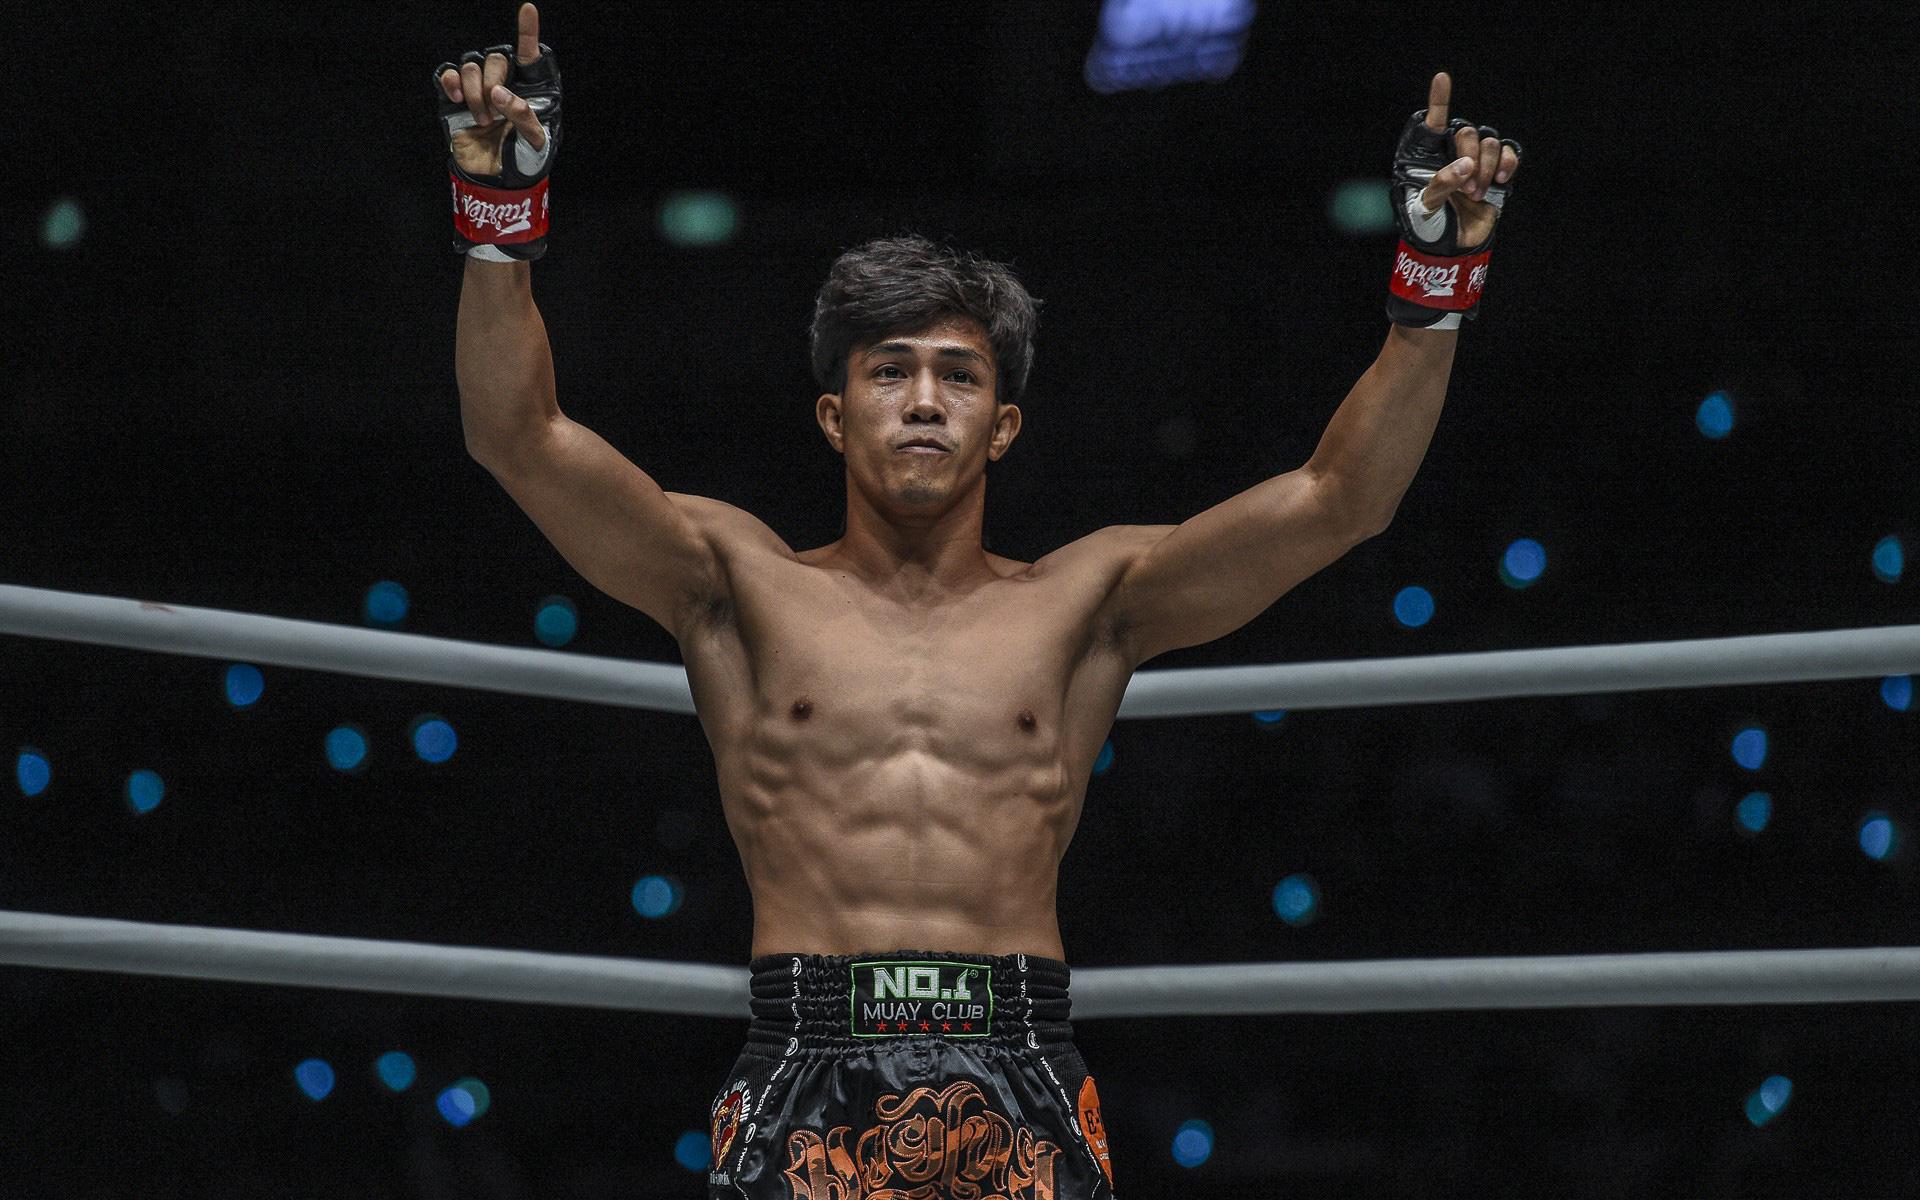 Những võ sĩ mang dòng máu Việt tỏa sáng tại giải võ thuật lớn nhất châu Á ONE Championship